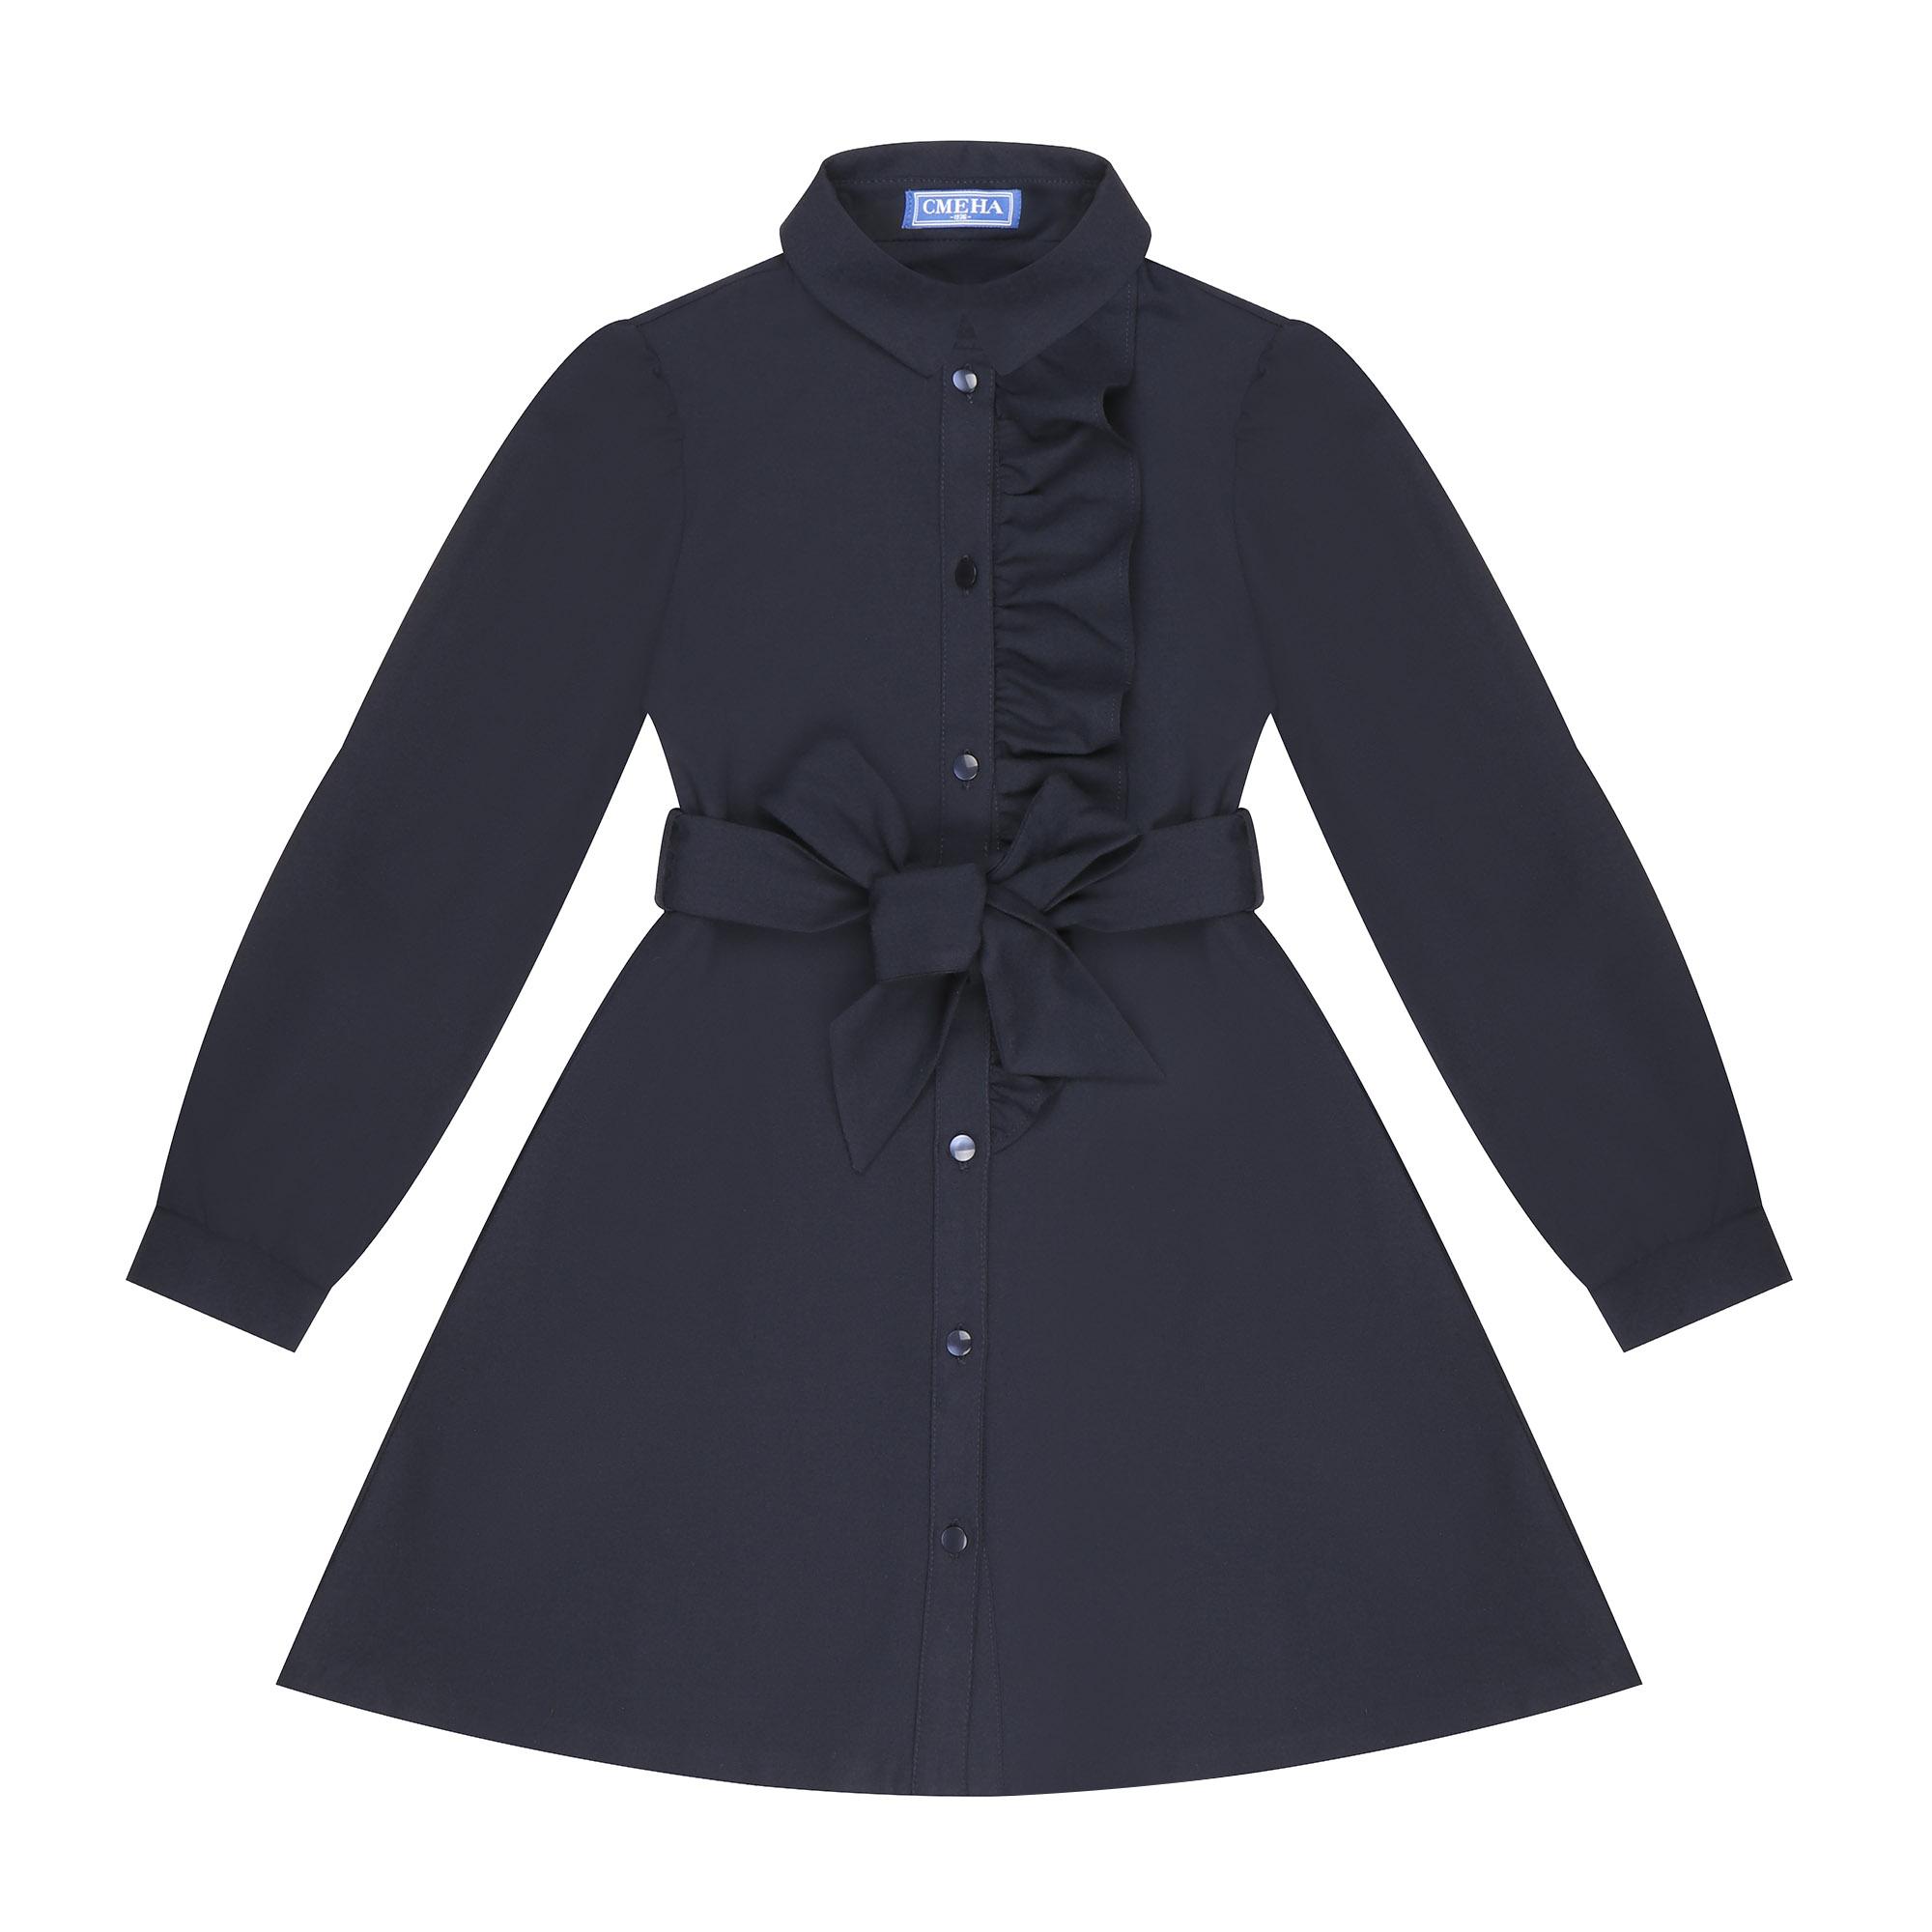 Фото - Платье школьное Смена 10004 синее 158/80 платье смена размер 158 80 черный